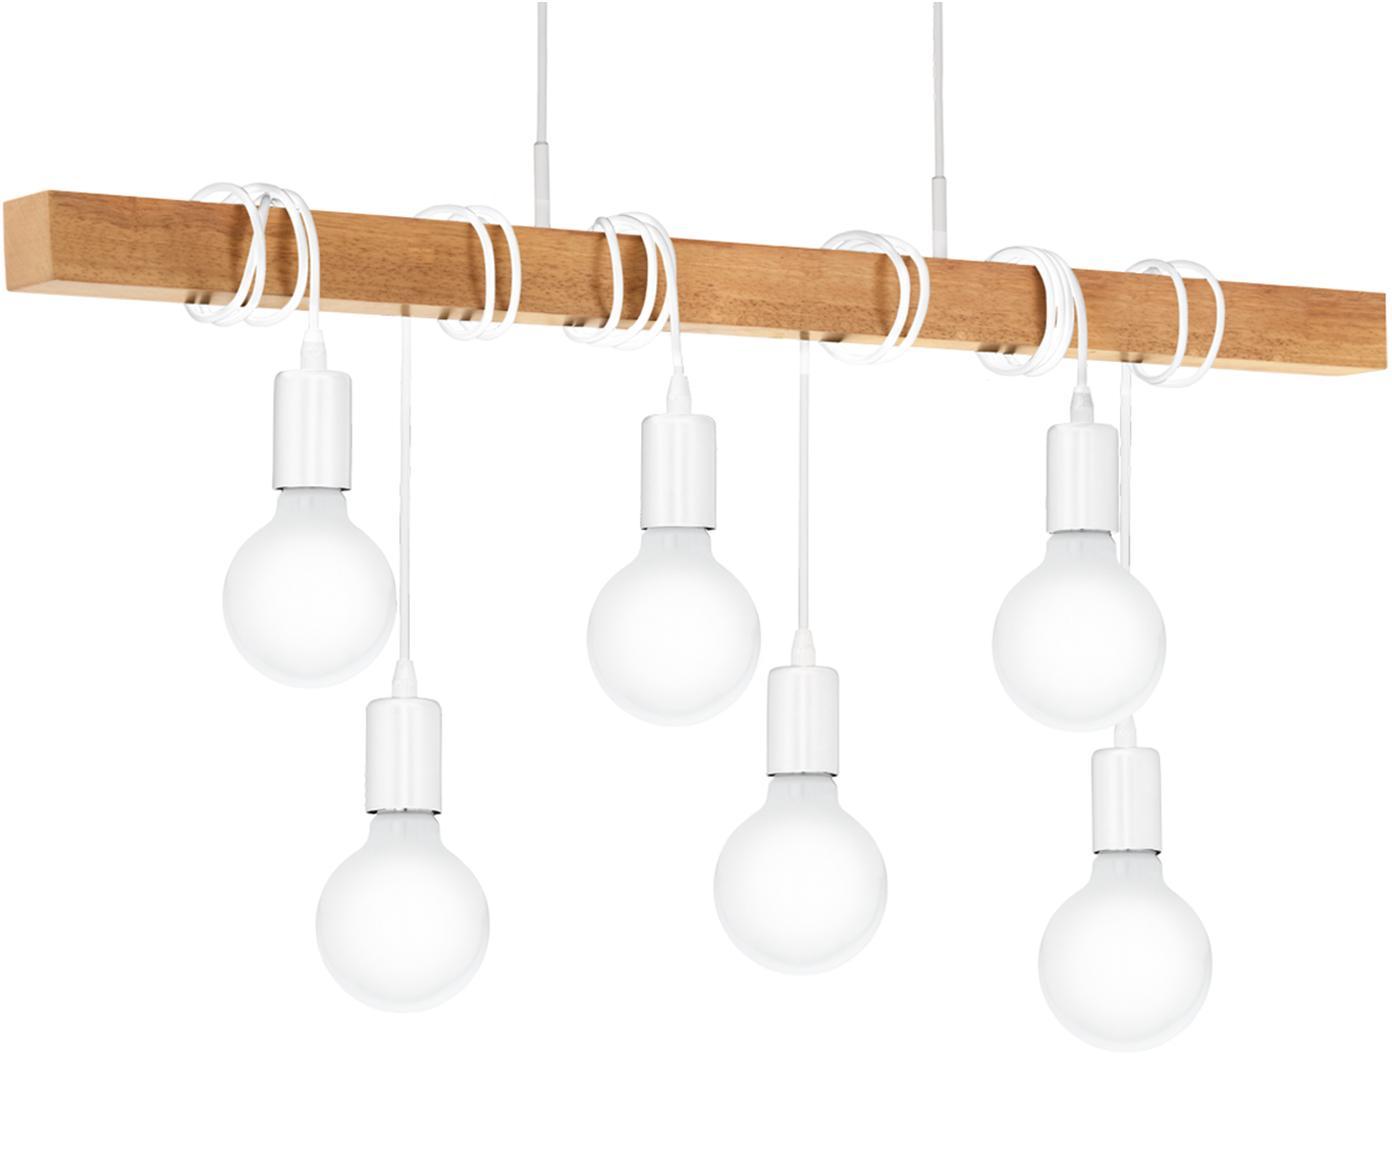 Duża lampa wisząca Townshend, Biały, drewno naturalne, S 100 x W 110 cm